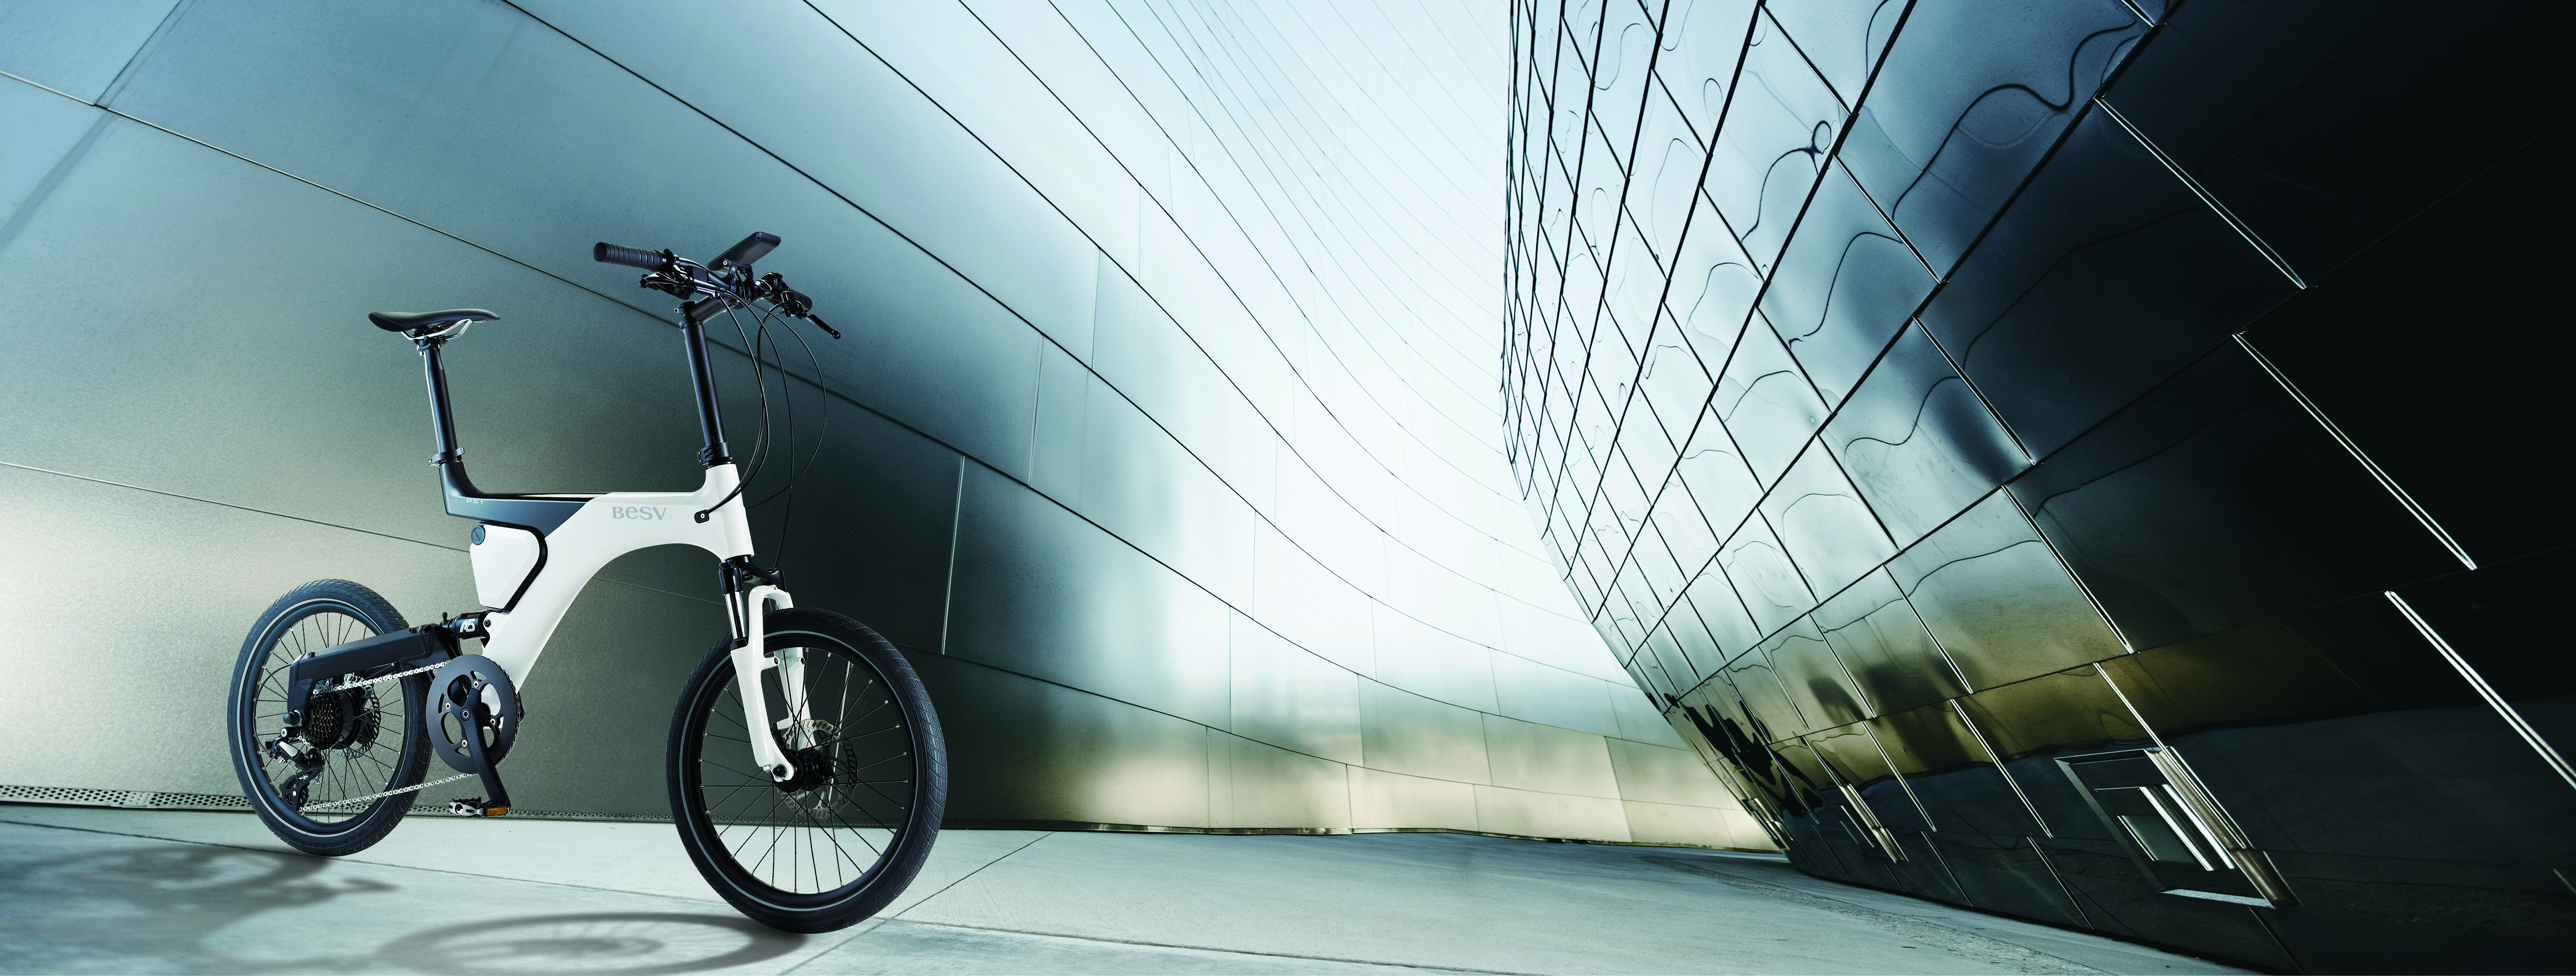 PS1 E Bike